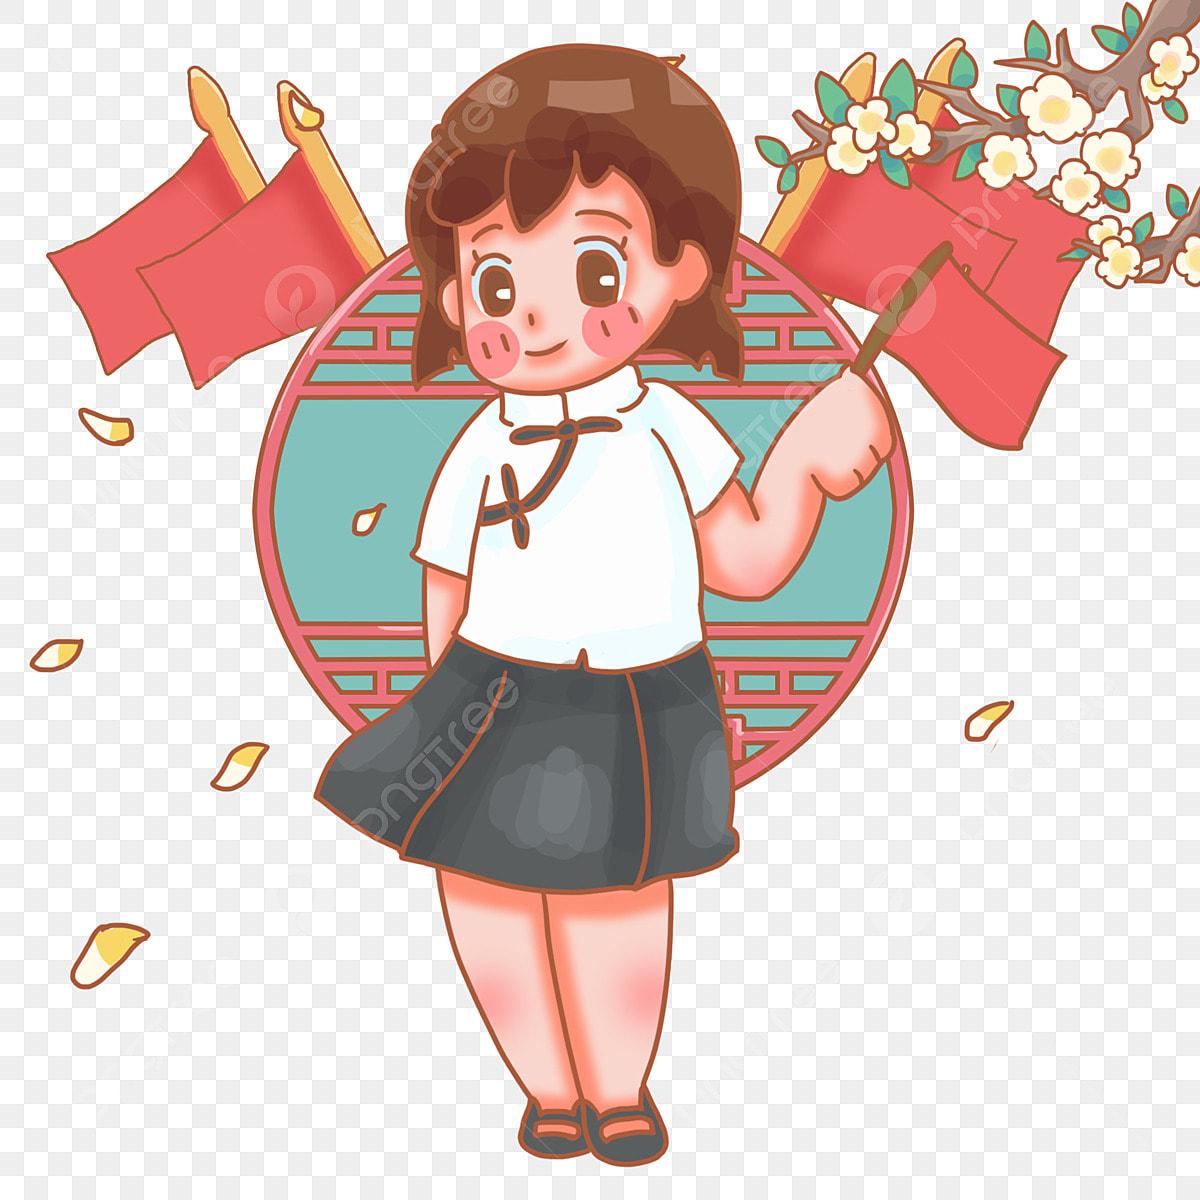 Gambar Tangan Memegang Bendera Merah Seragam Sekolah Putih Rambut Pendek Mei 4 Rambut Pendek Kartun Bunga Jatuh Png Dan Psd Untuk Muat Turun Percuma